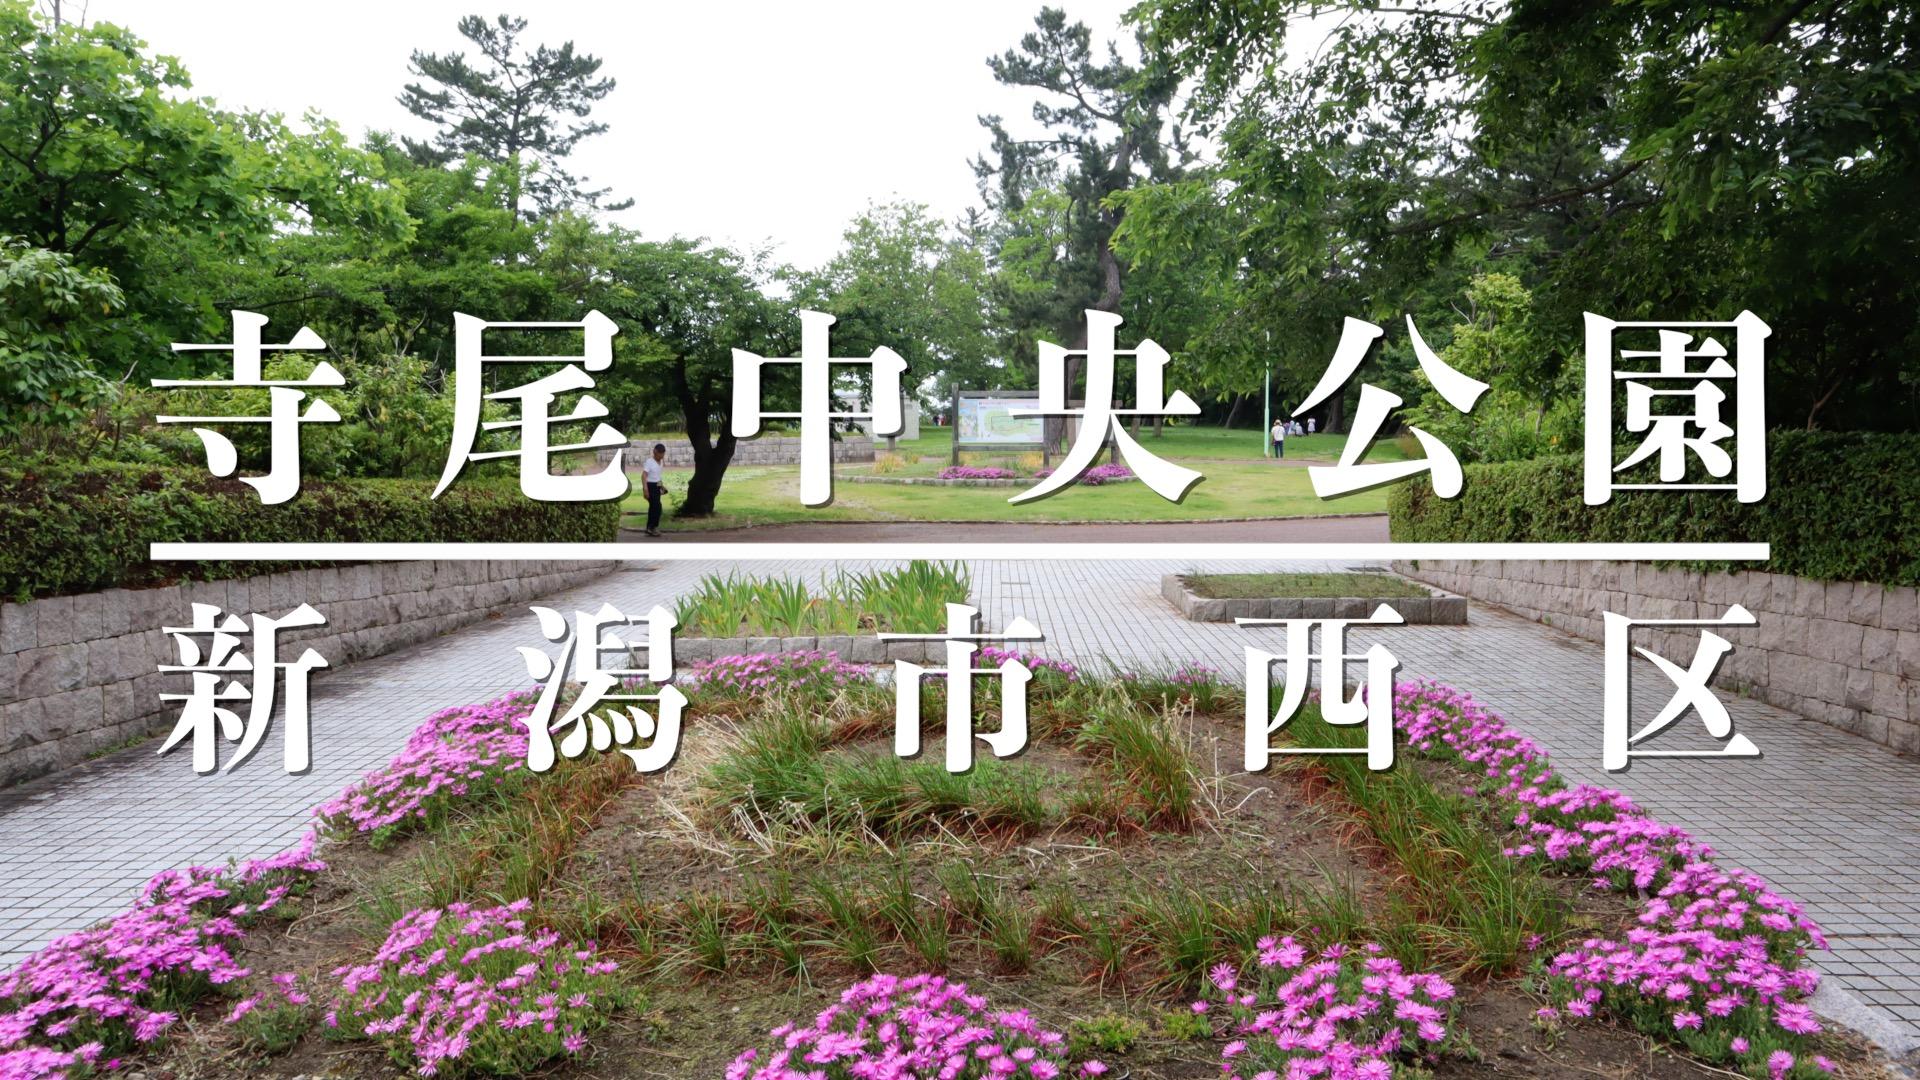 寺尾中央公園アイキャッチ